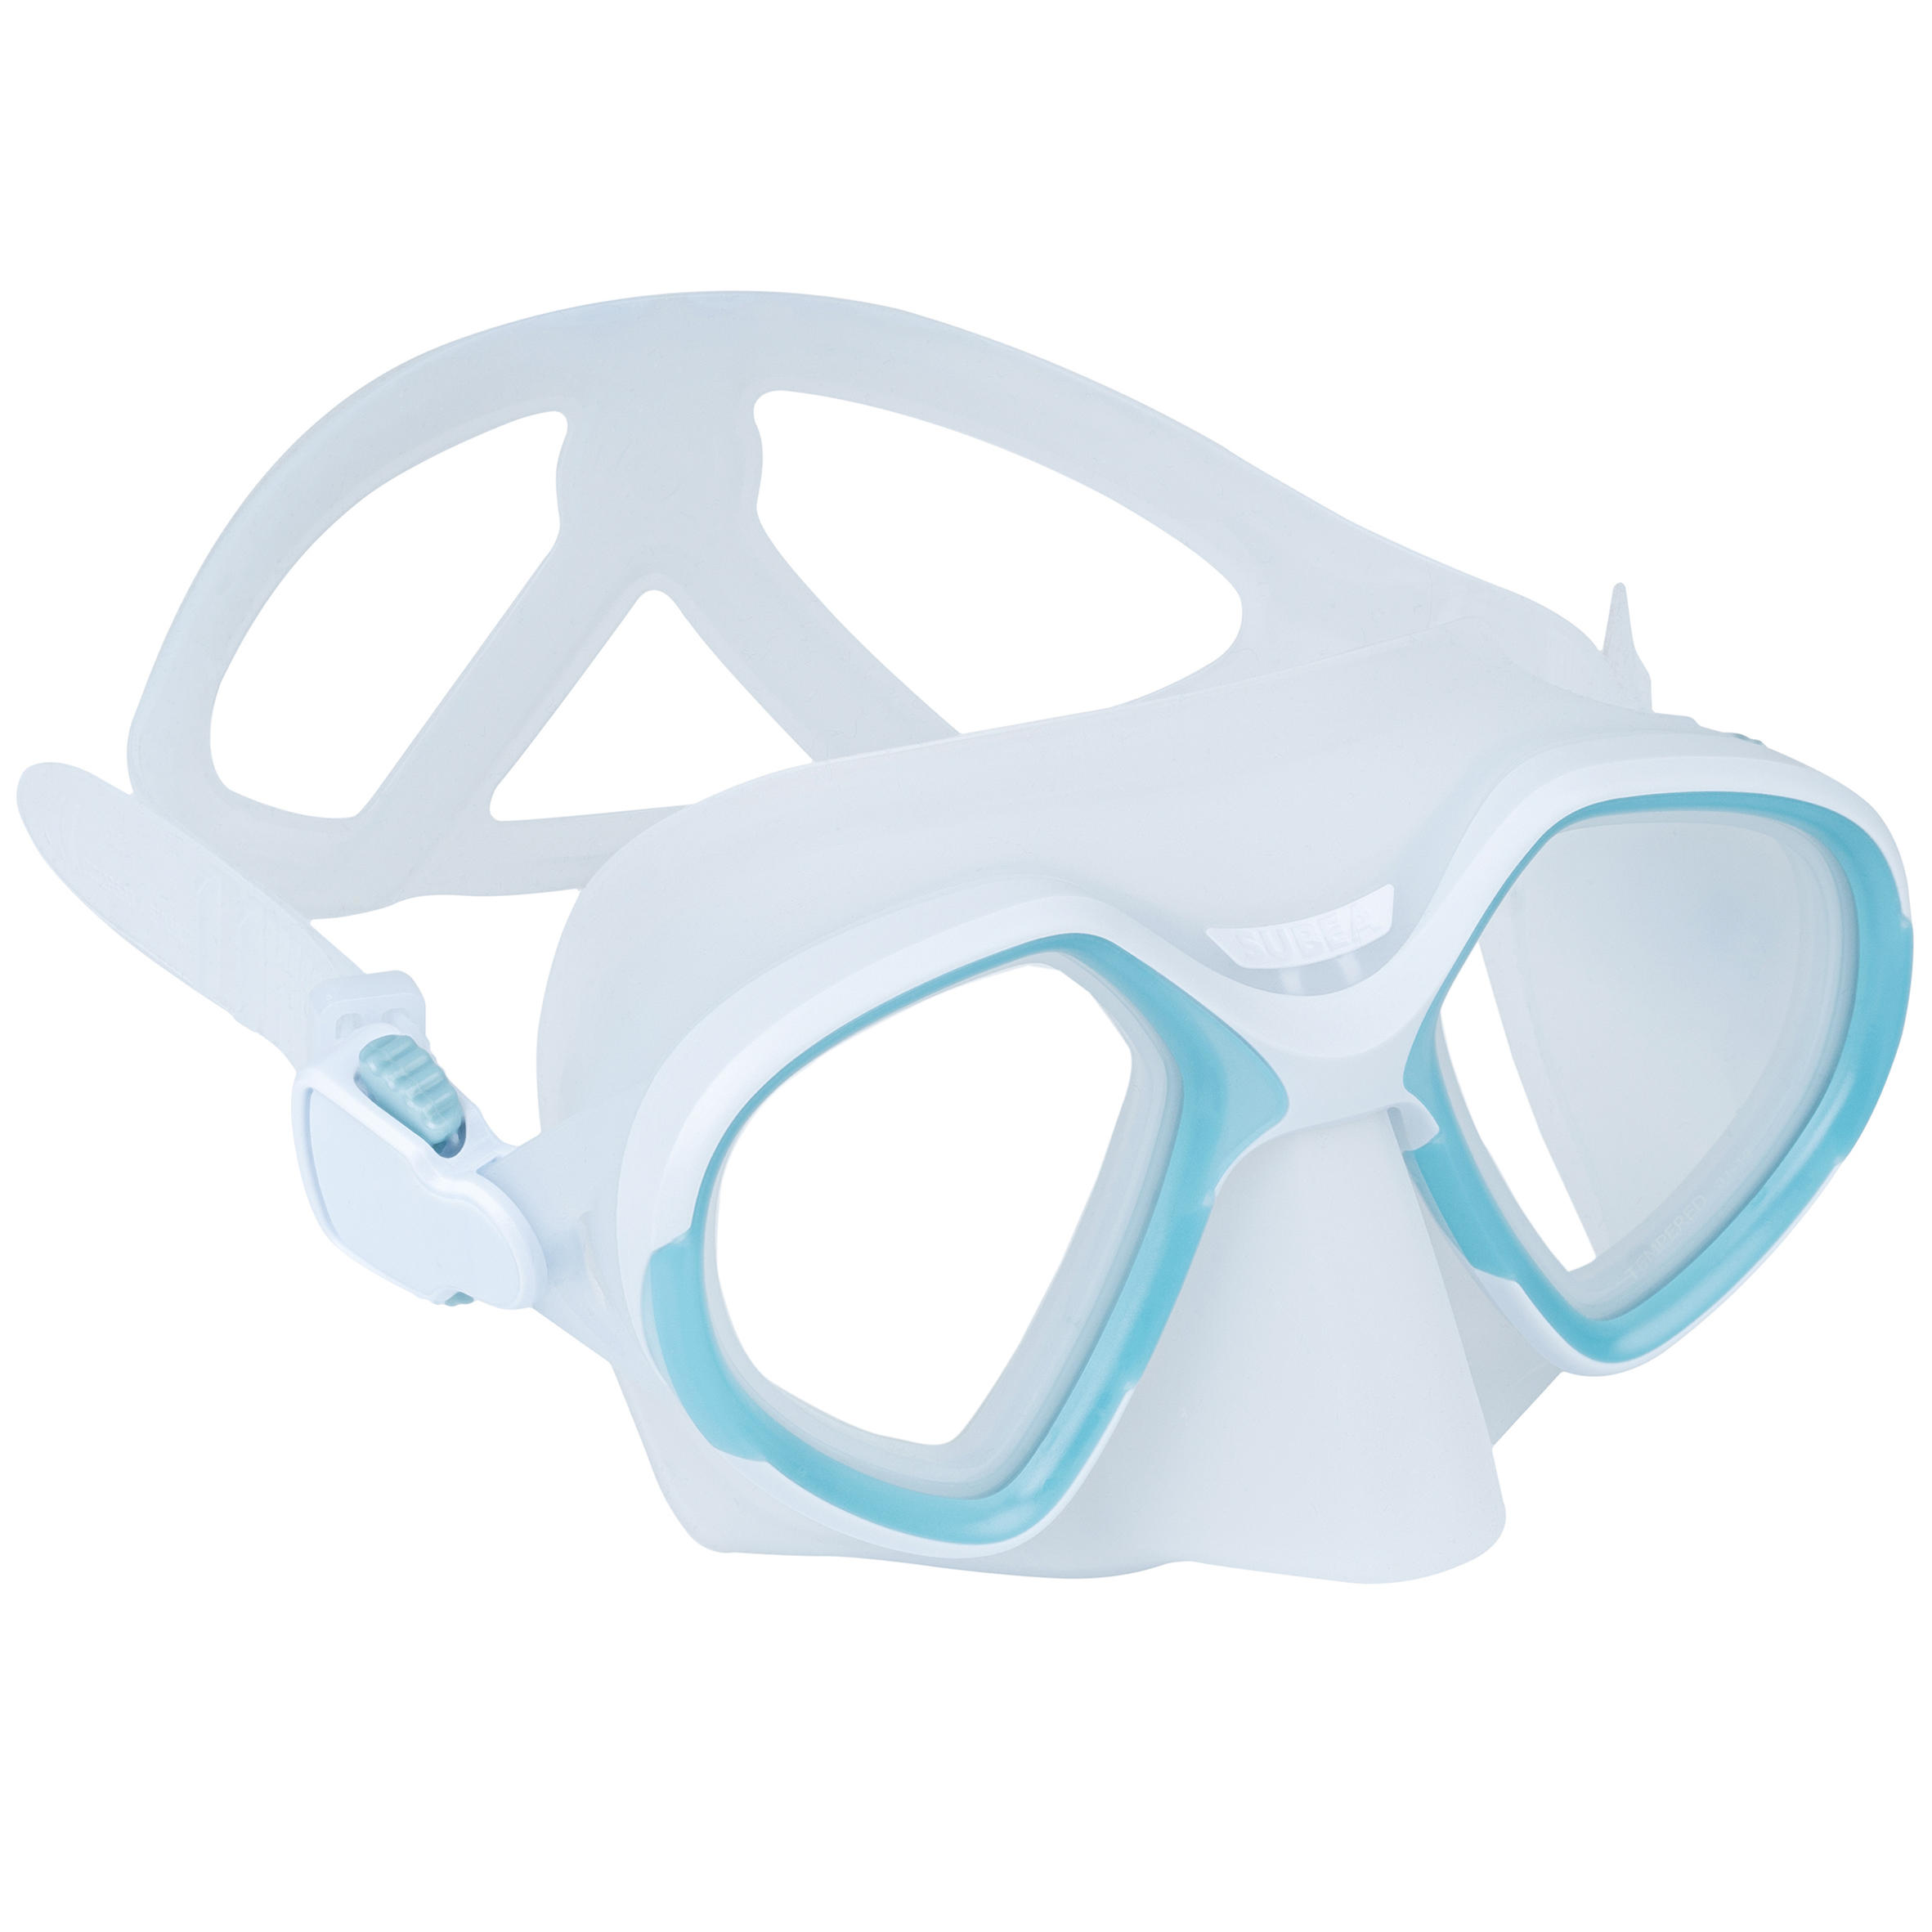 Mască scufundări FRD 500 Gri imagine